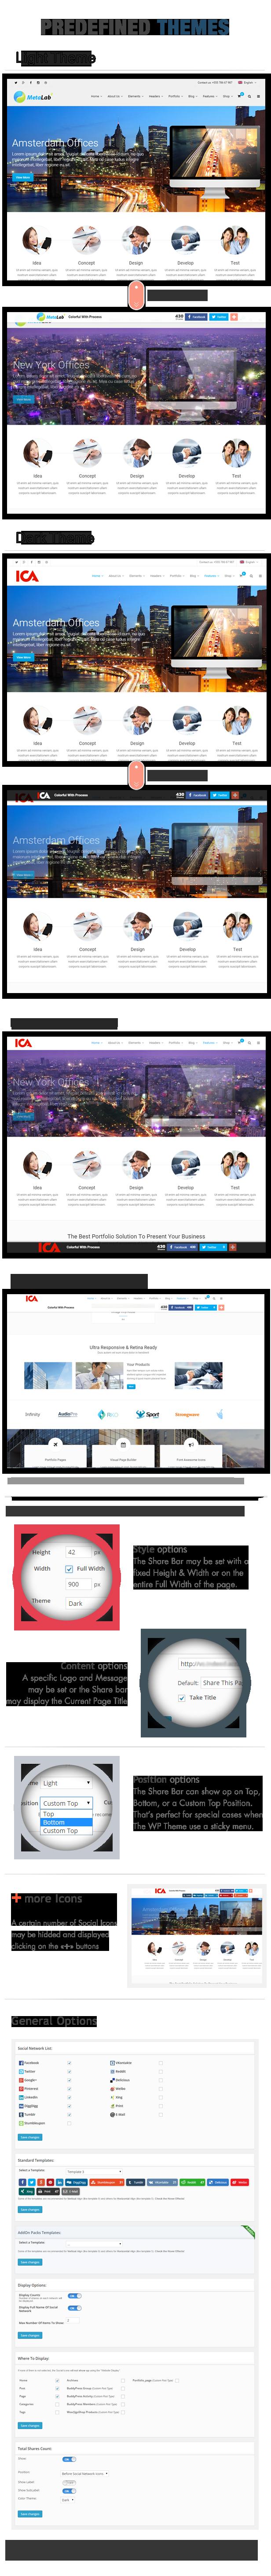 Social Share top Bar AddOn - WordPress - 6